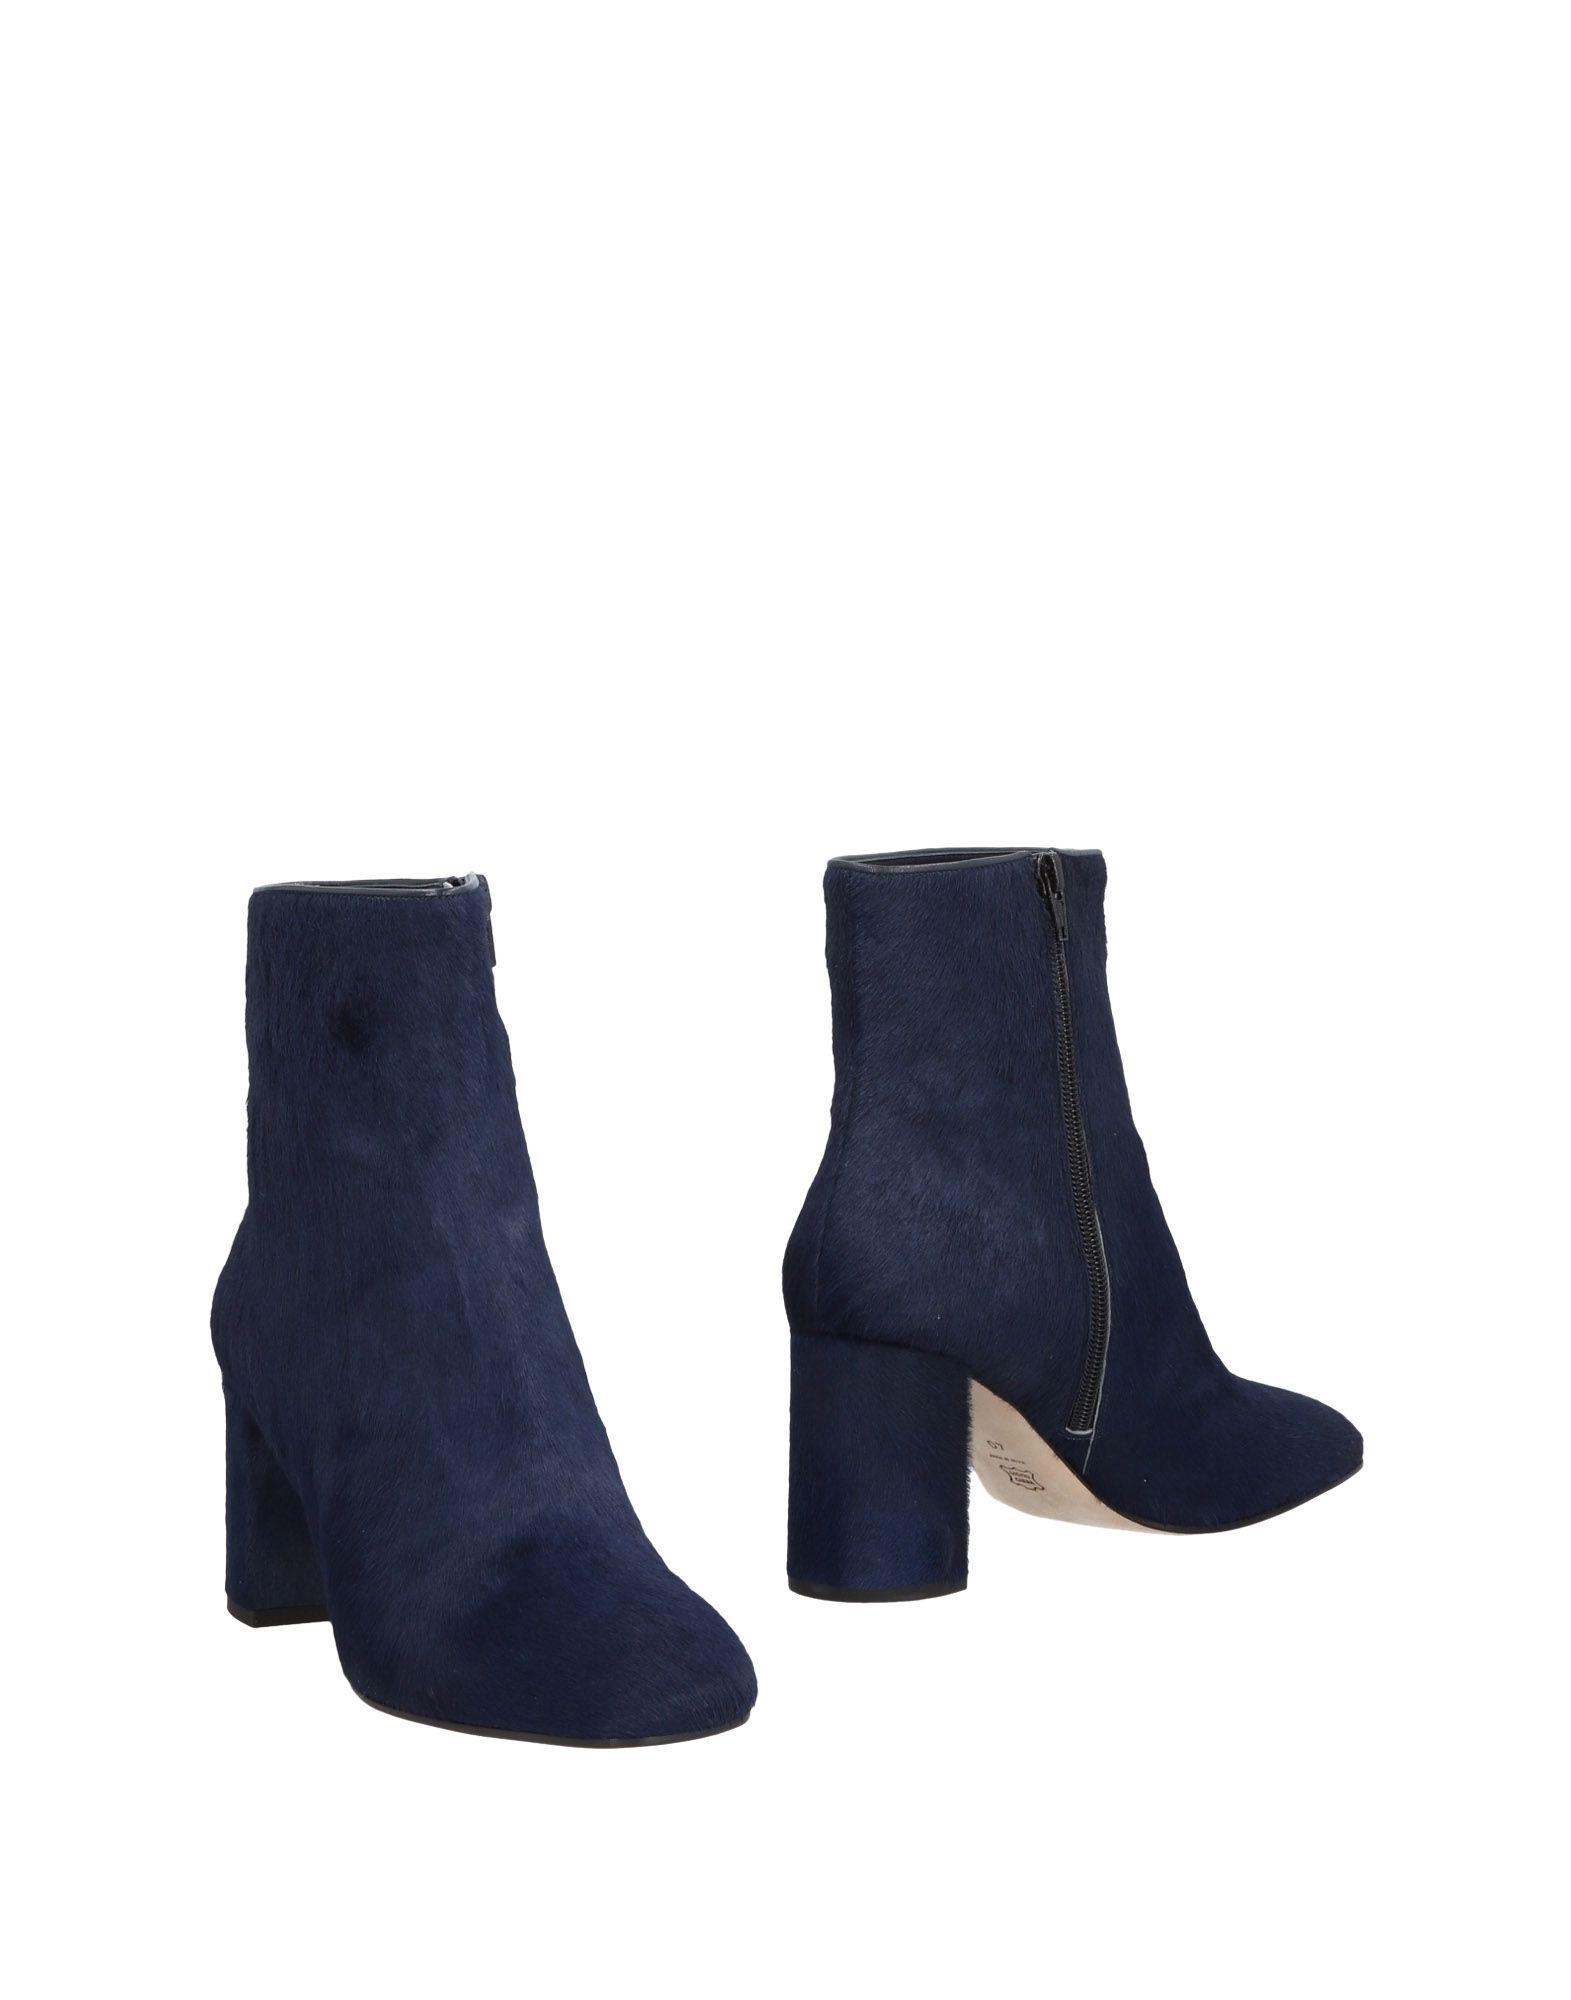 Cheville Stiefelette Damen  11466231RCGut Schuhe aussehende strapazierfähige Schuhe 11466231RCGut 48dbda